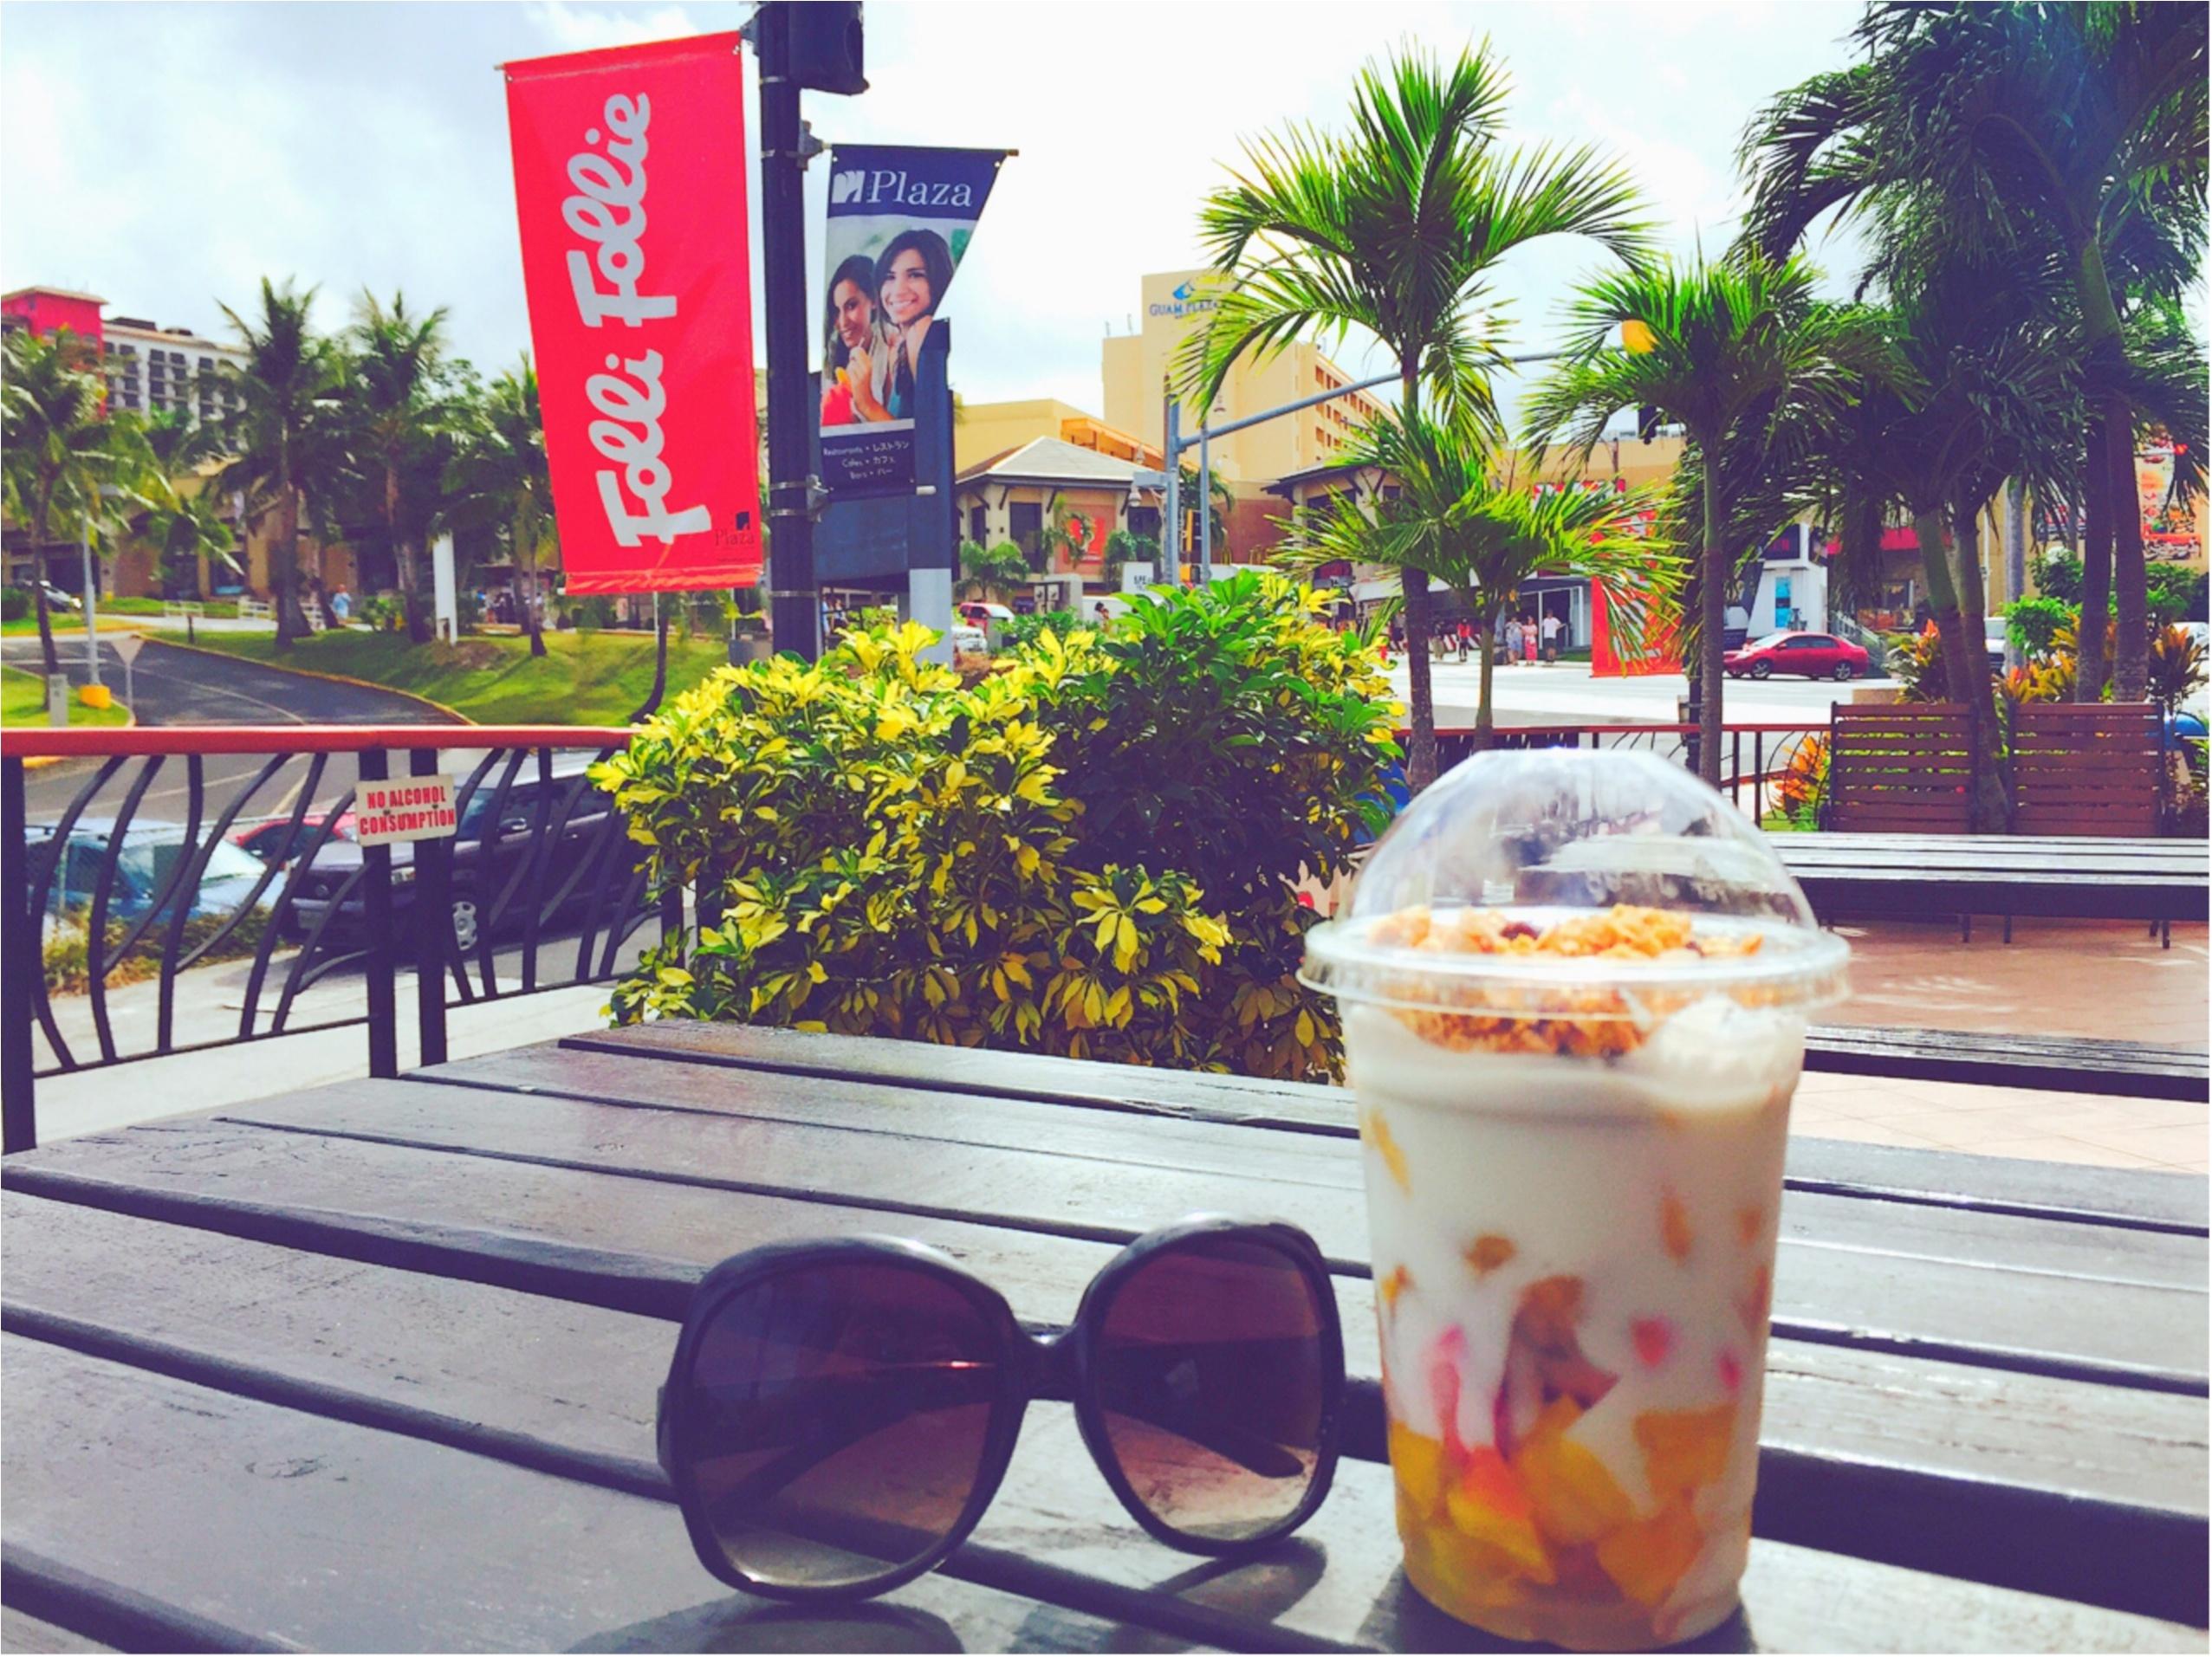 【TRIP】この夏どこ行く♡?!女子旅 海外ビーチリゾートのすすめ♡グアム&バリ島編_3